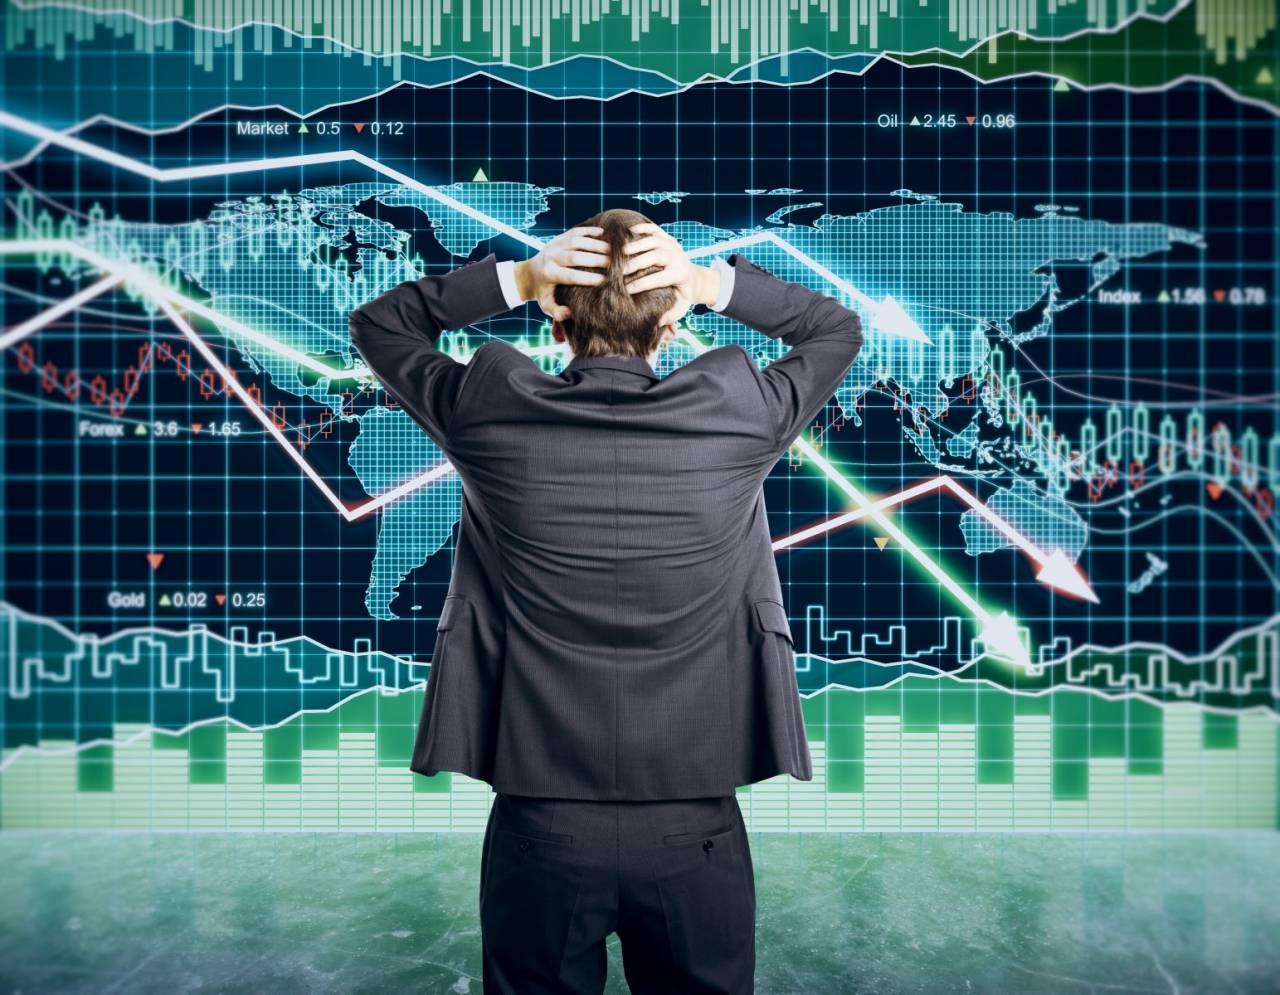 這家被認為能威脅鴻海地位的公司 如今股價狂瀉4成變「套房」 散戶哀號:看著K線心寒出冷汗